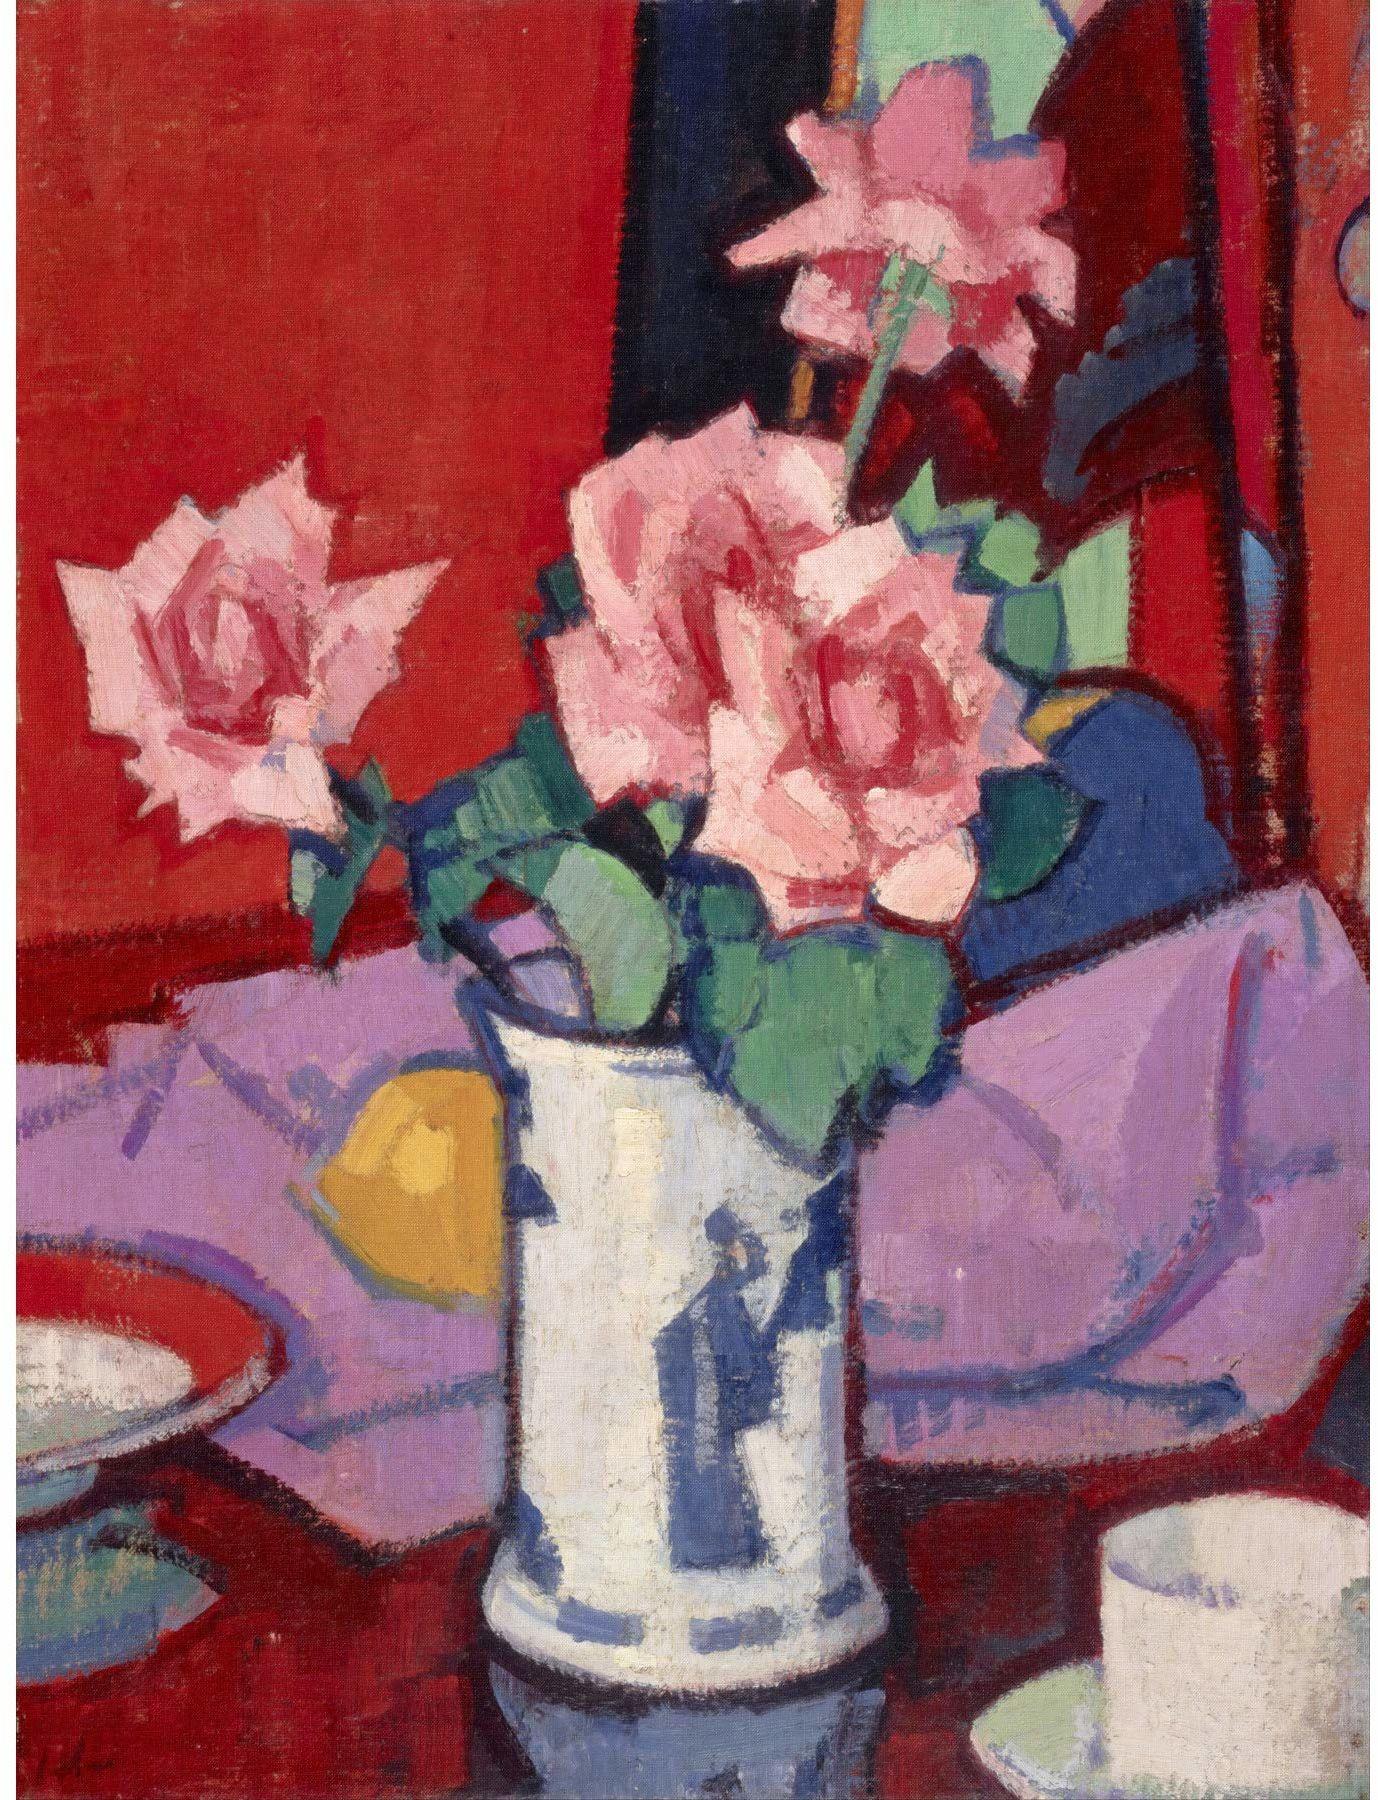 Wee Blue Coo Peploe różowe róże chiński wazon artystyczny wydruk plakat Hp3936